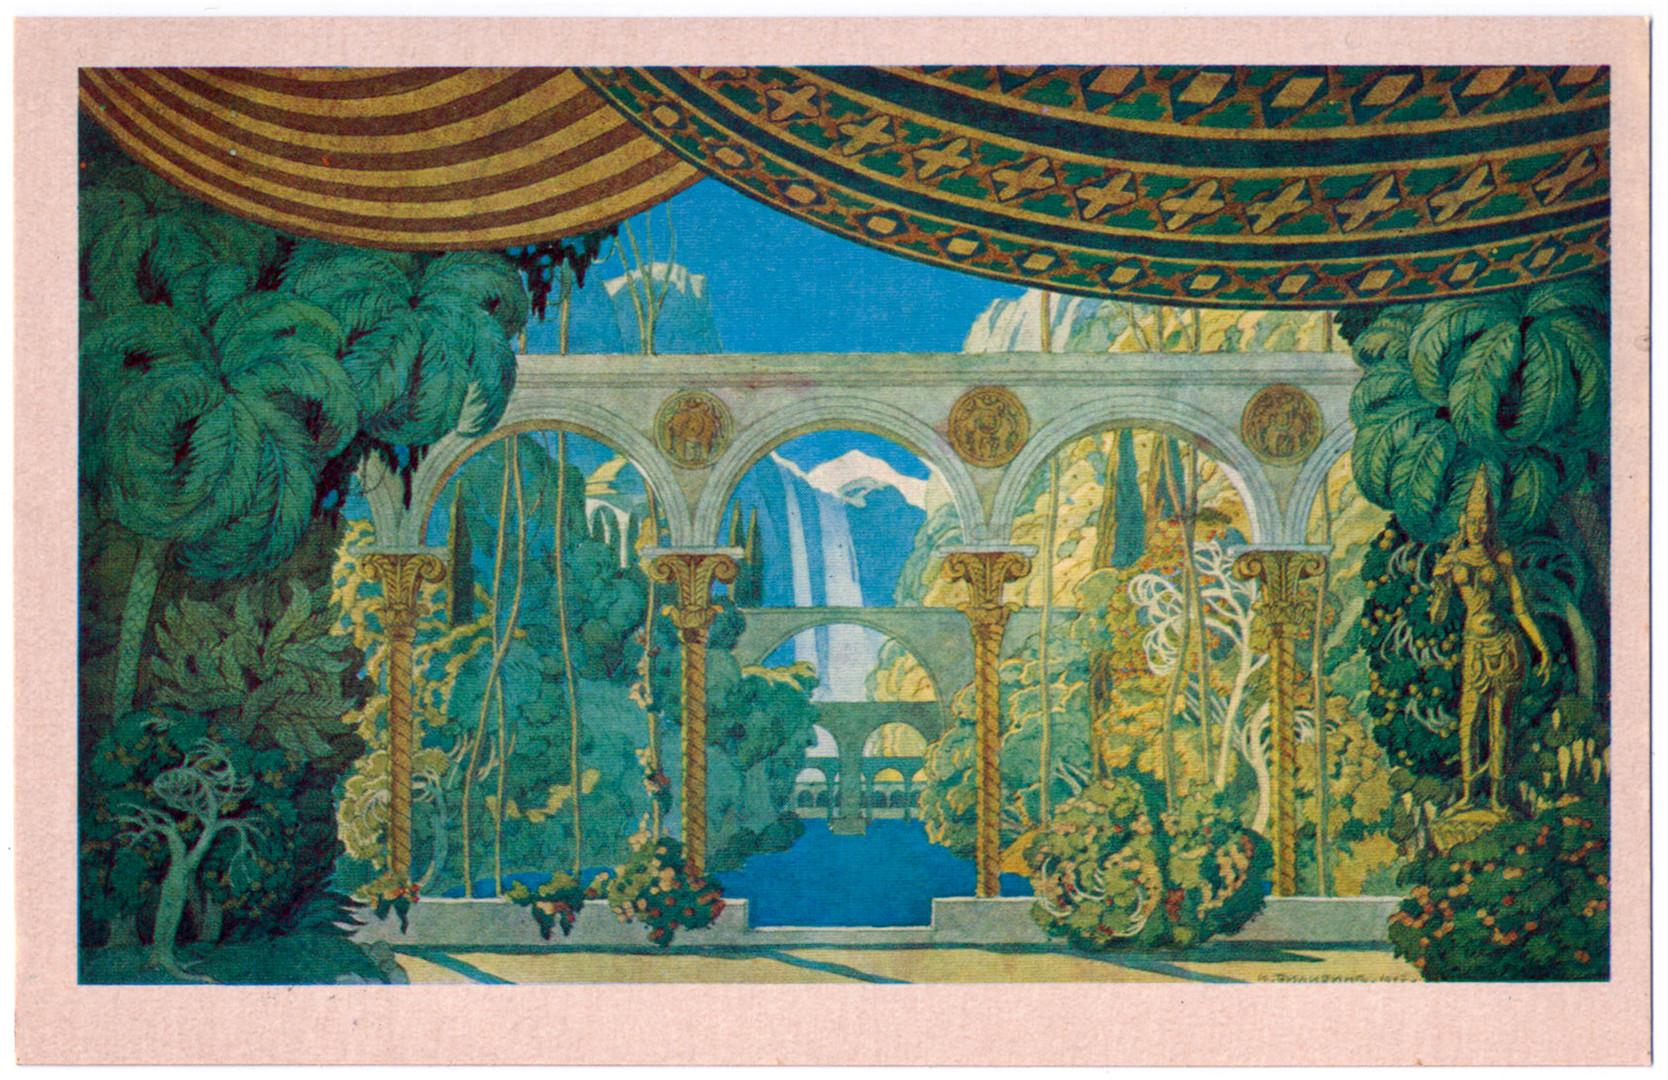 Les Jardins de Tchernomor créés par Bilibine pour l'opéra Rouslan et Lioudmila.